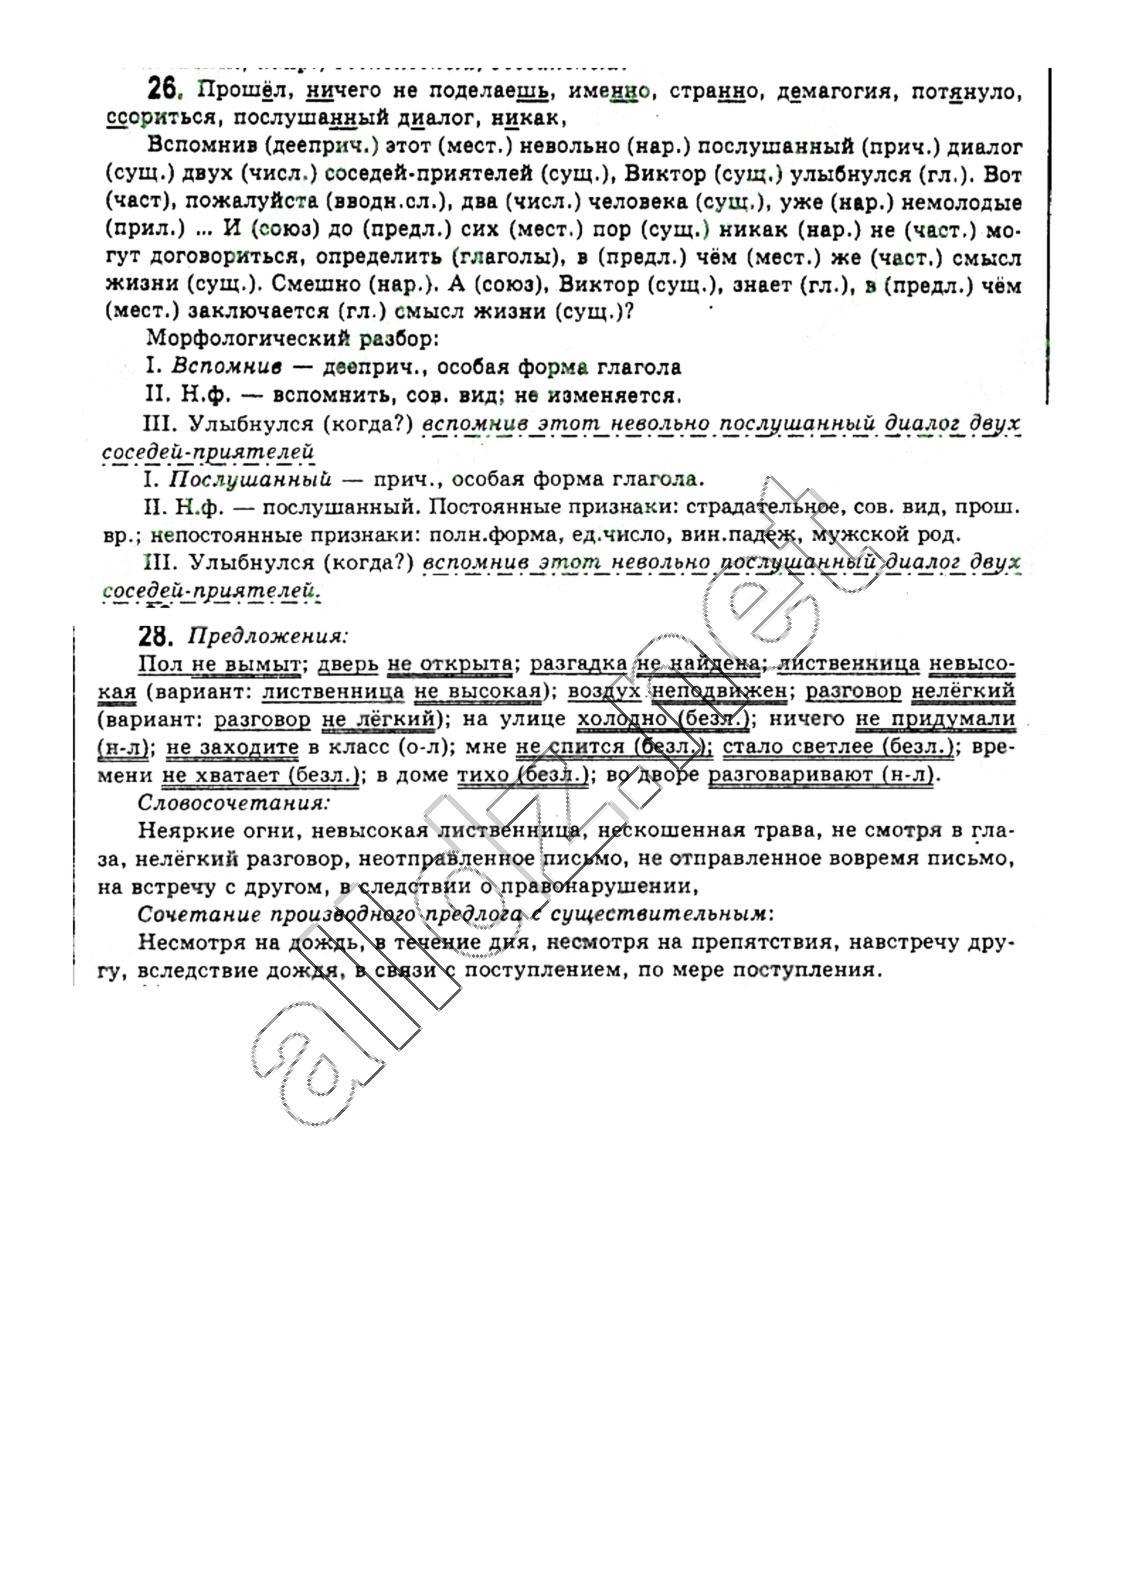 Русский язык 11 класс рудяков гдз онлайн